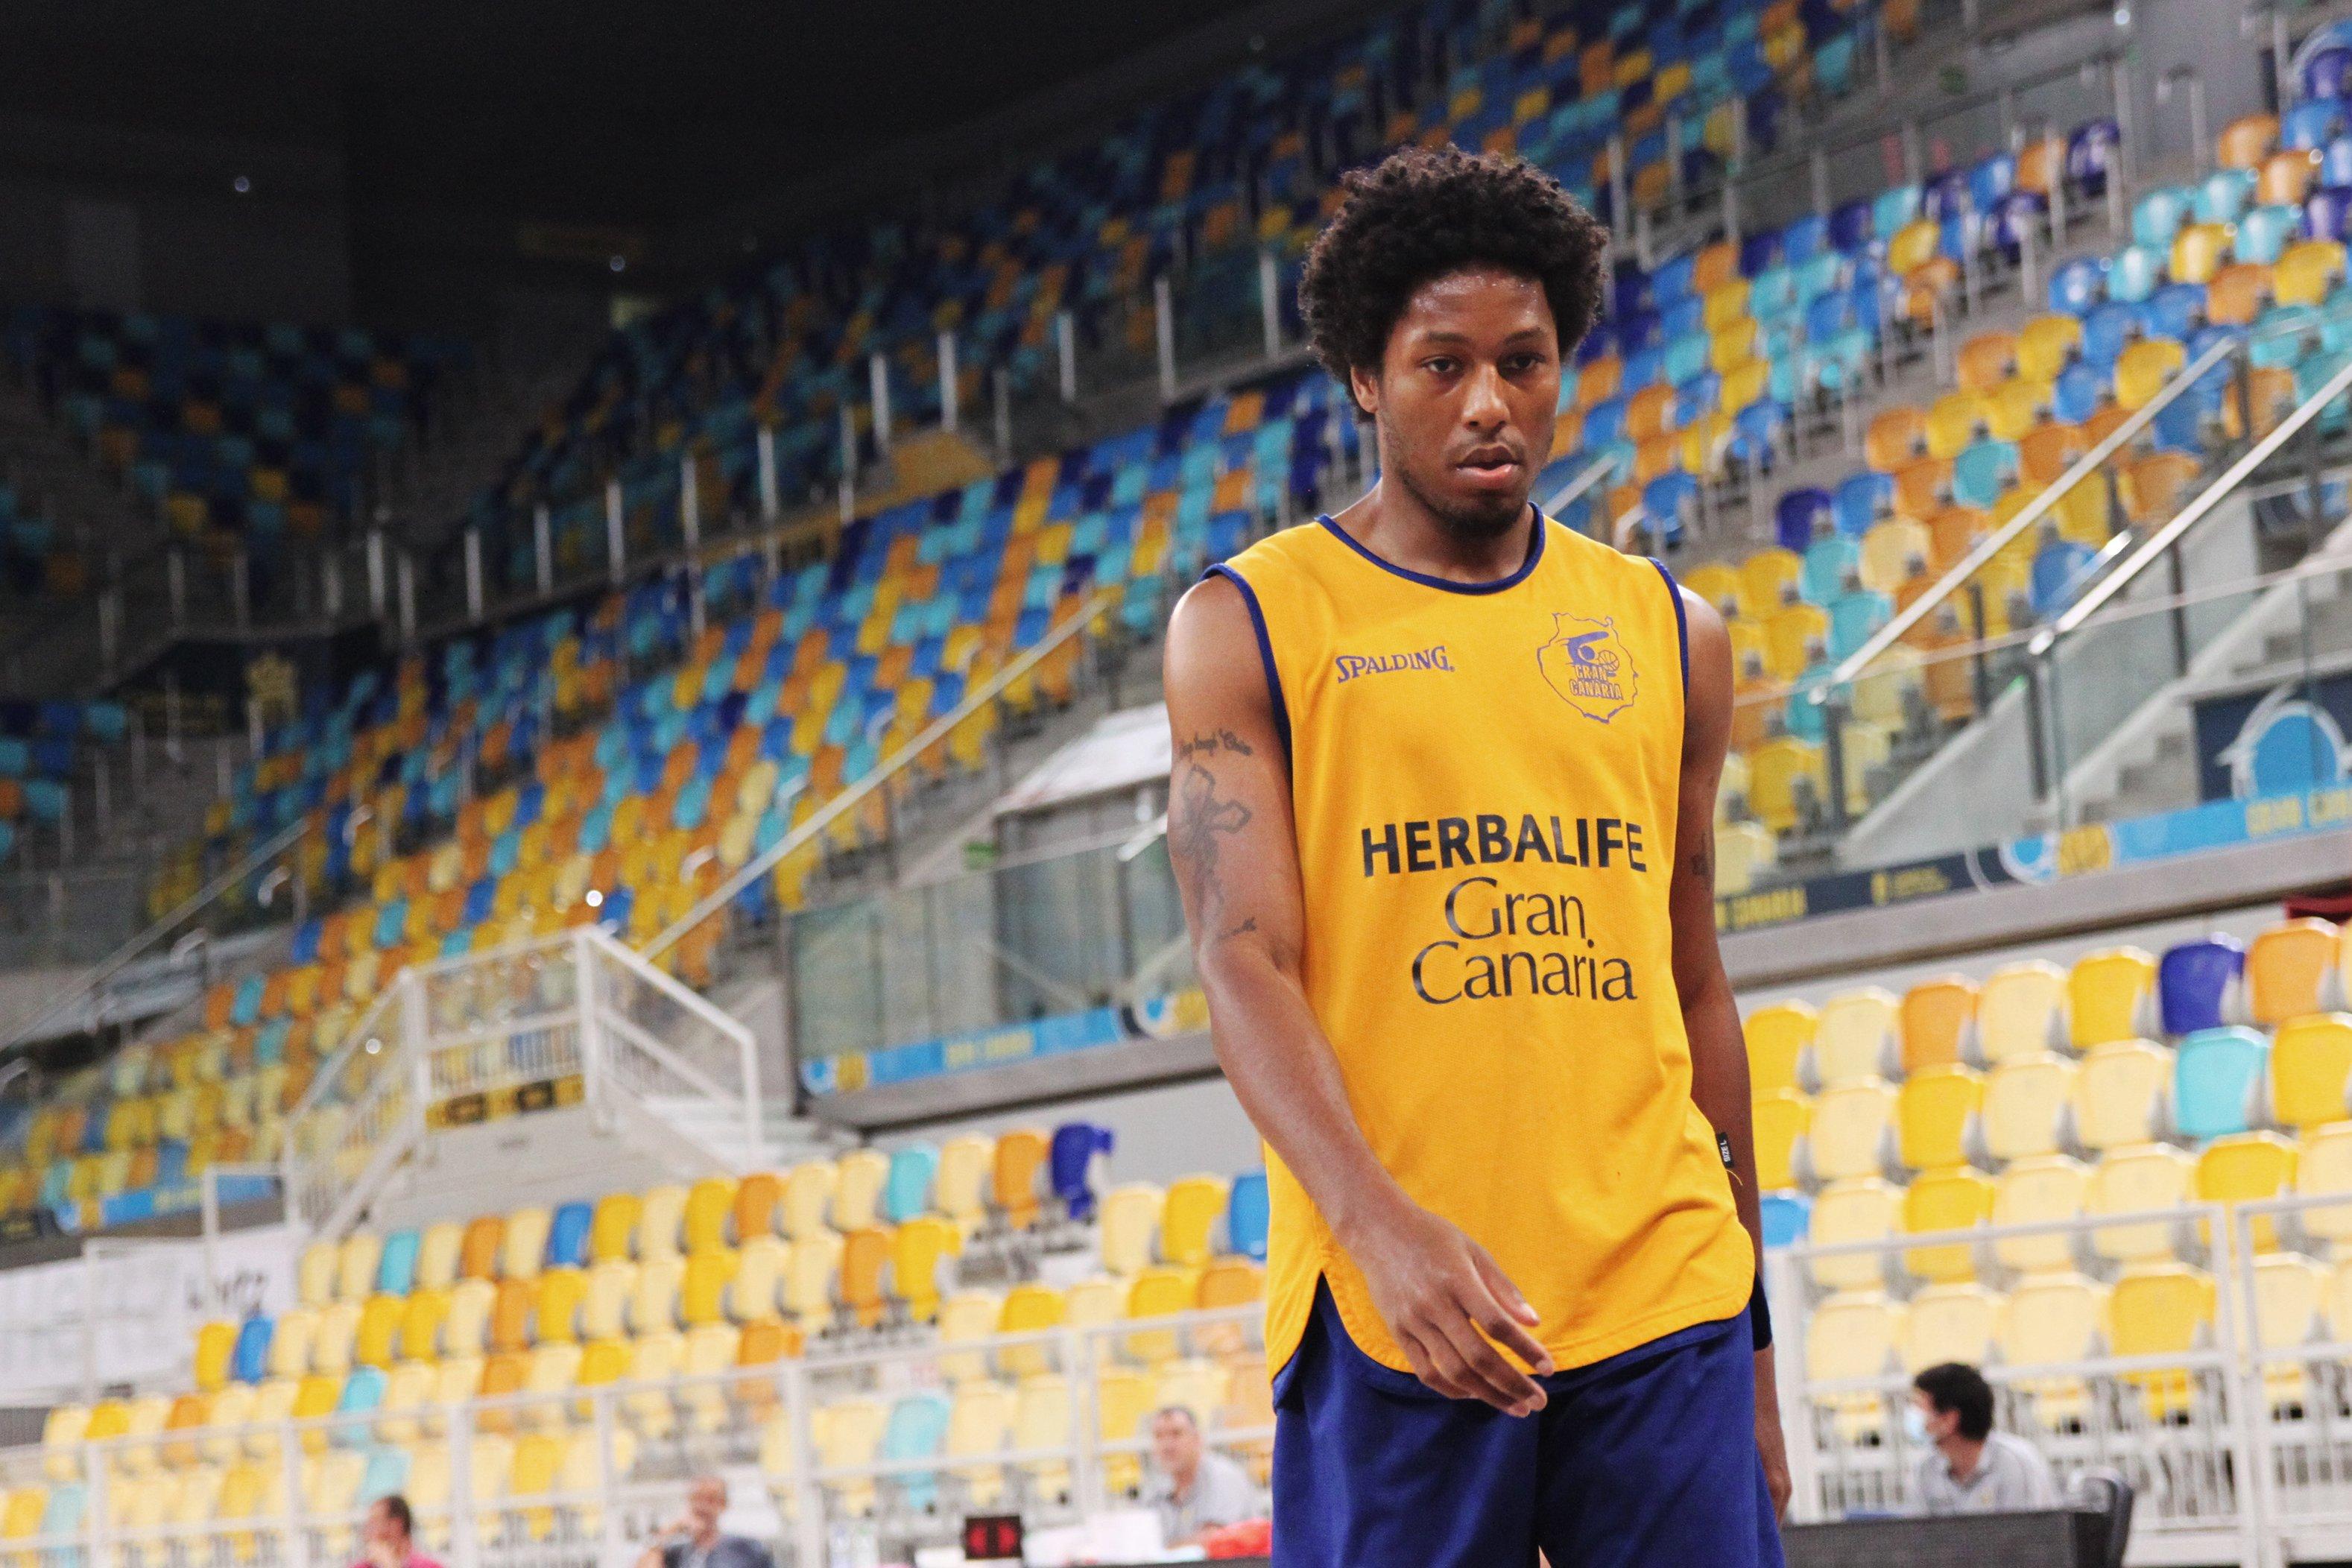 El Gran Canaria-Claret comienza a entrenar con contacto físico y en la cancha principal